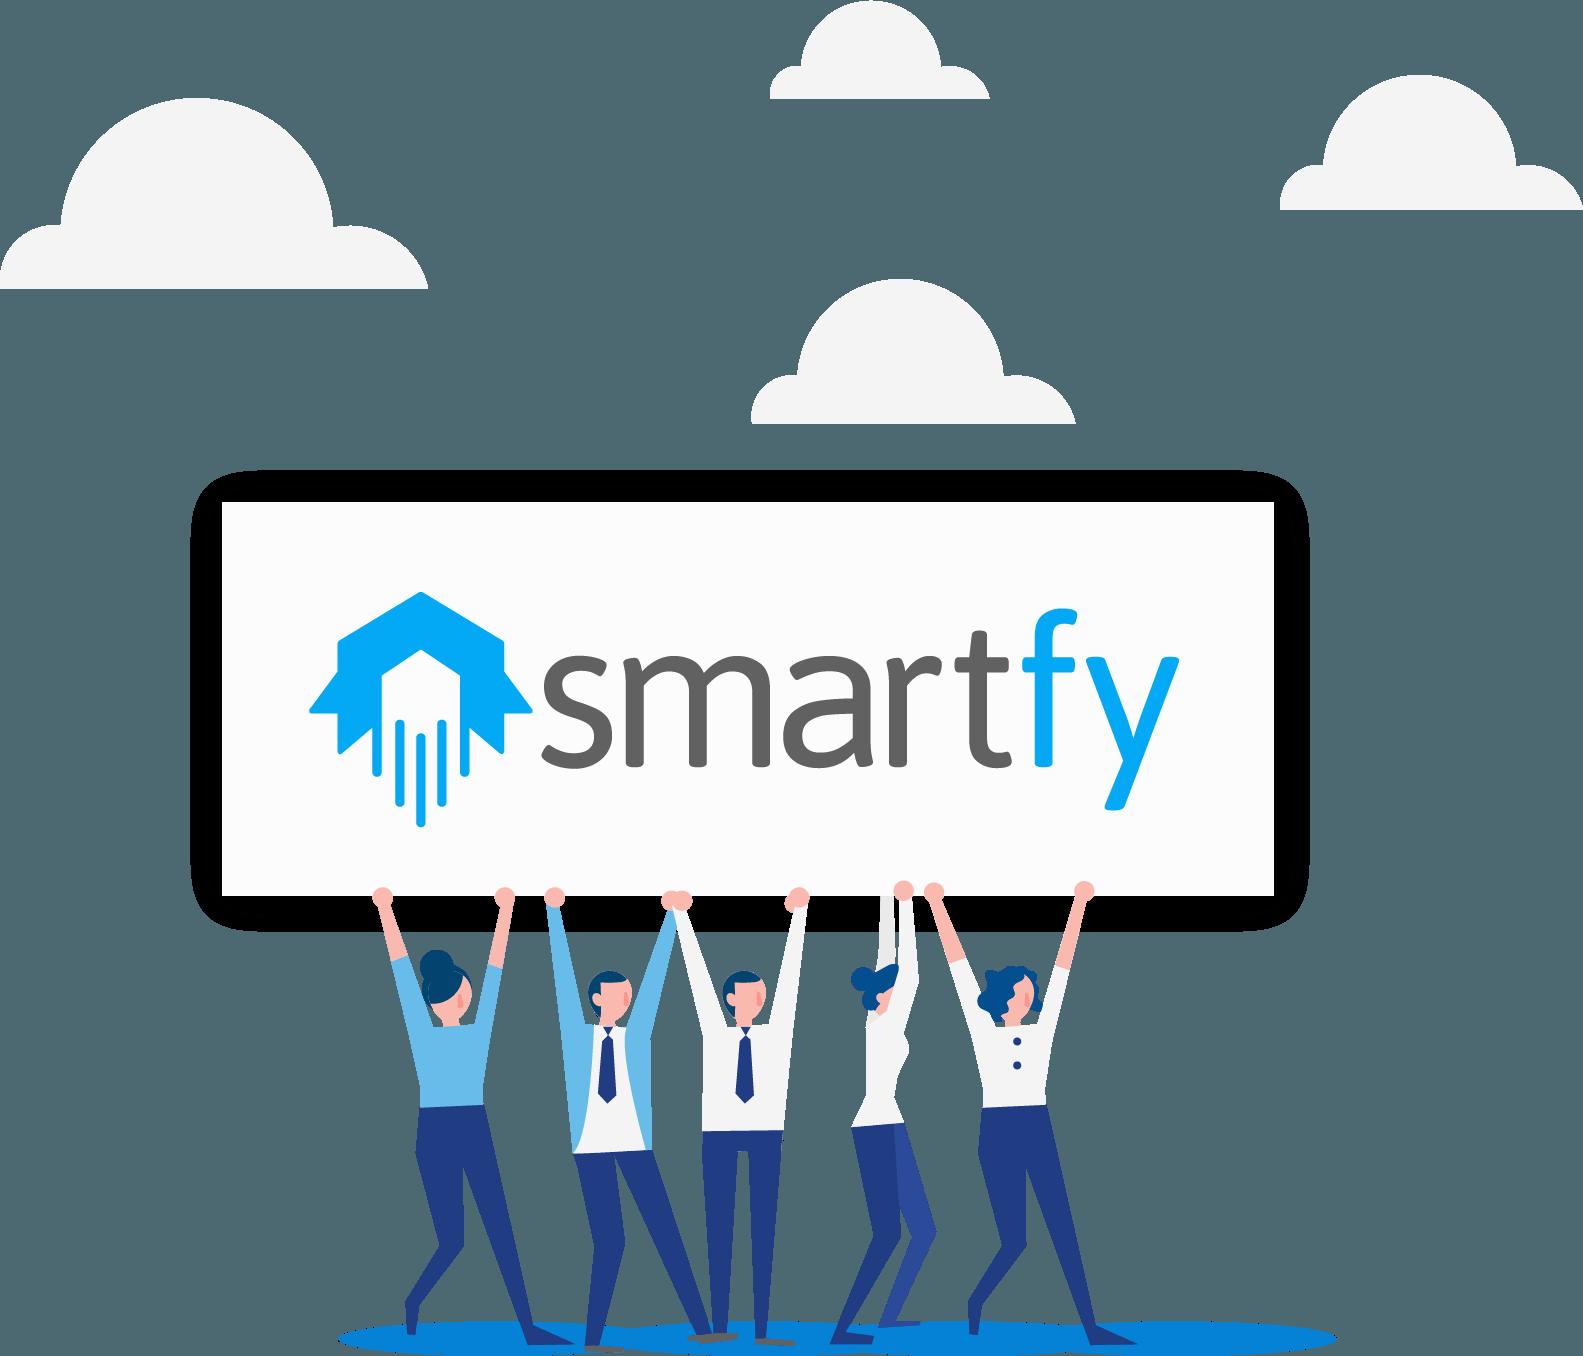 Ilustração de pessoas segurando um banner com Smartfy